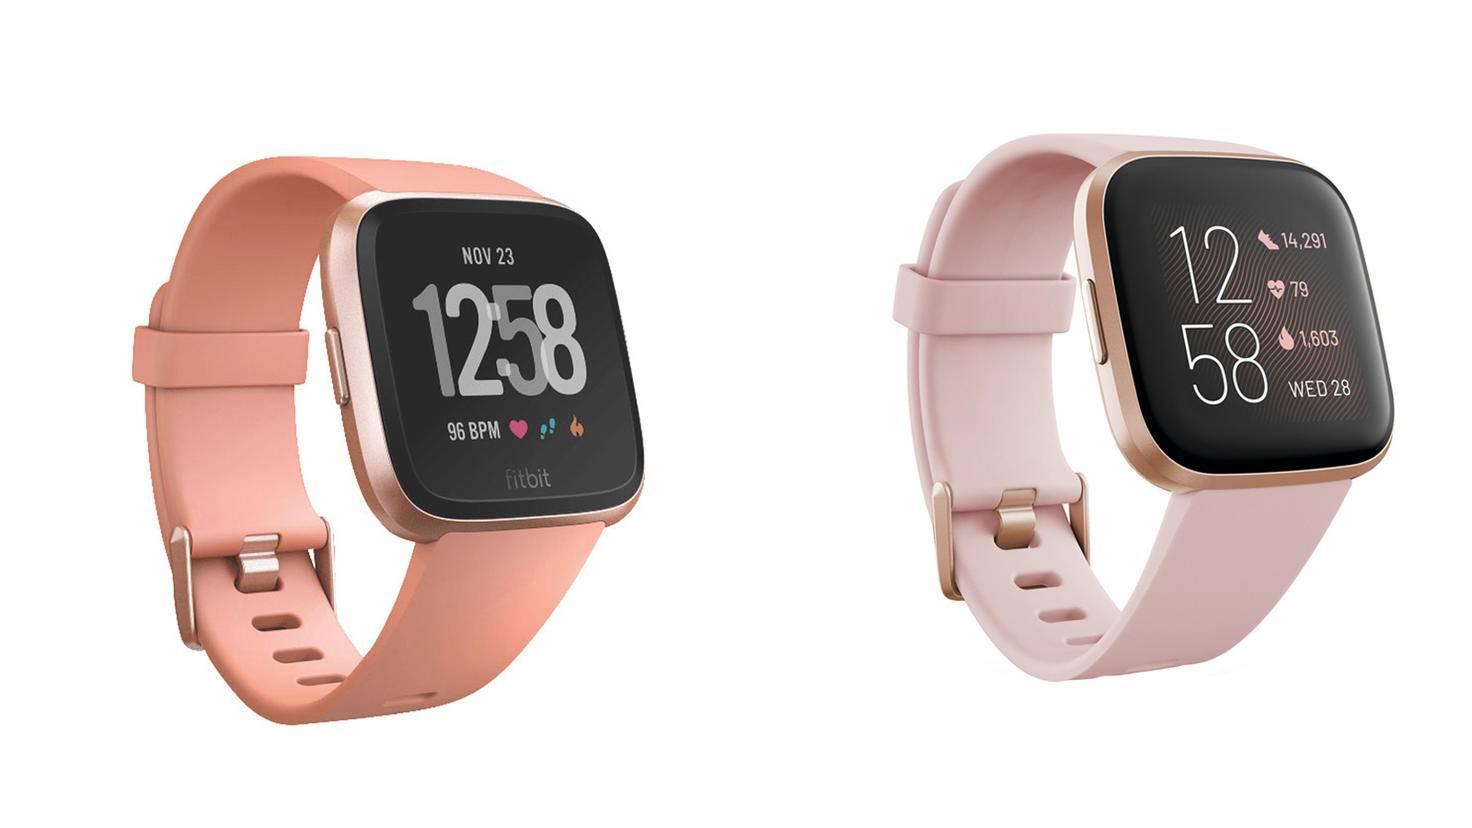 Fitbit Versa (links) und Fitbit Versa 2: Die optischen Unterschiede sind marginal.